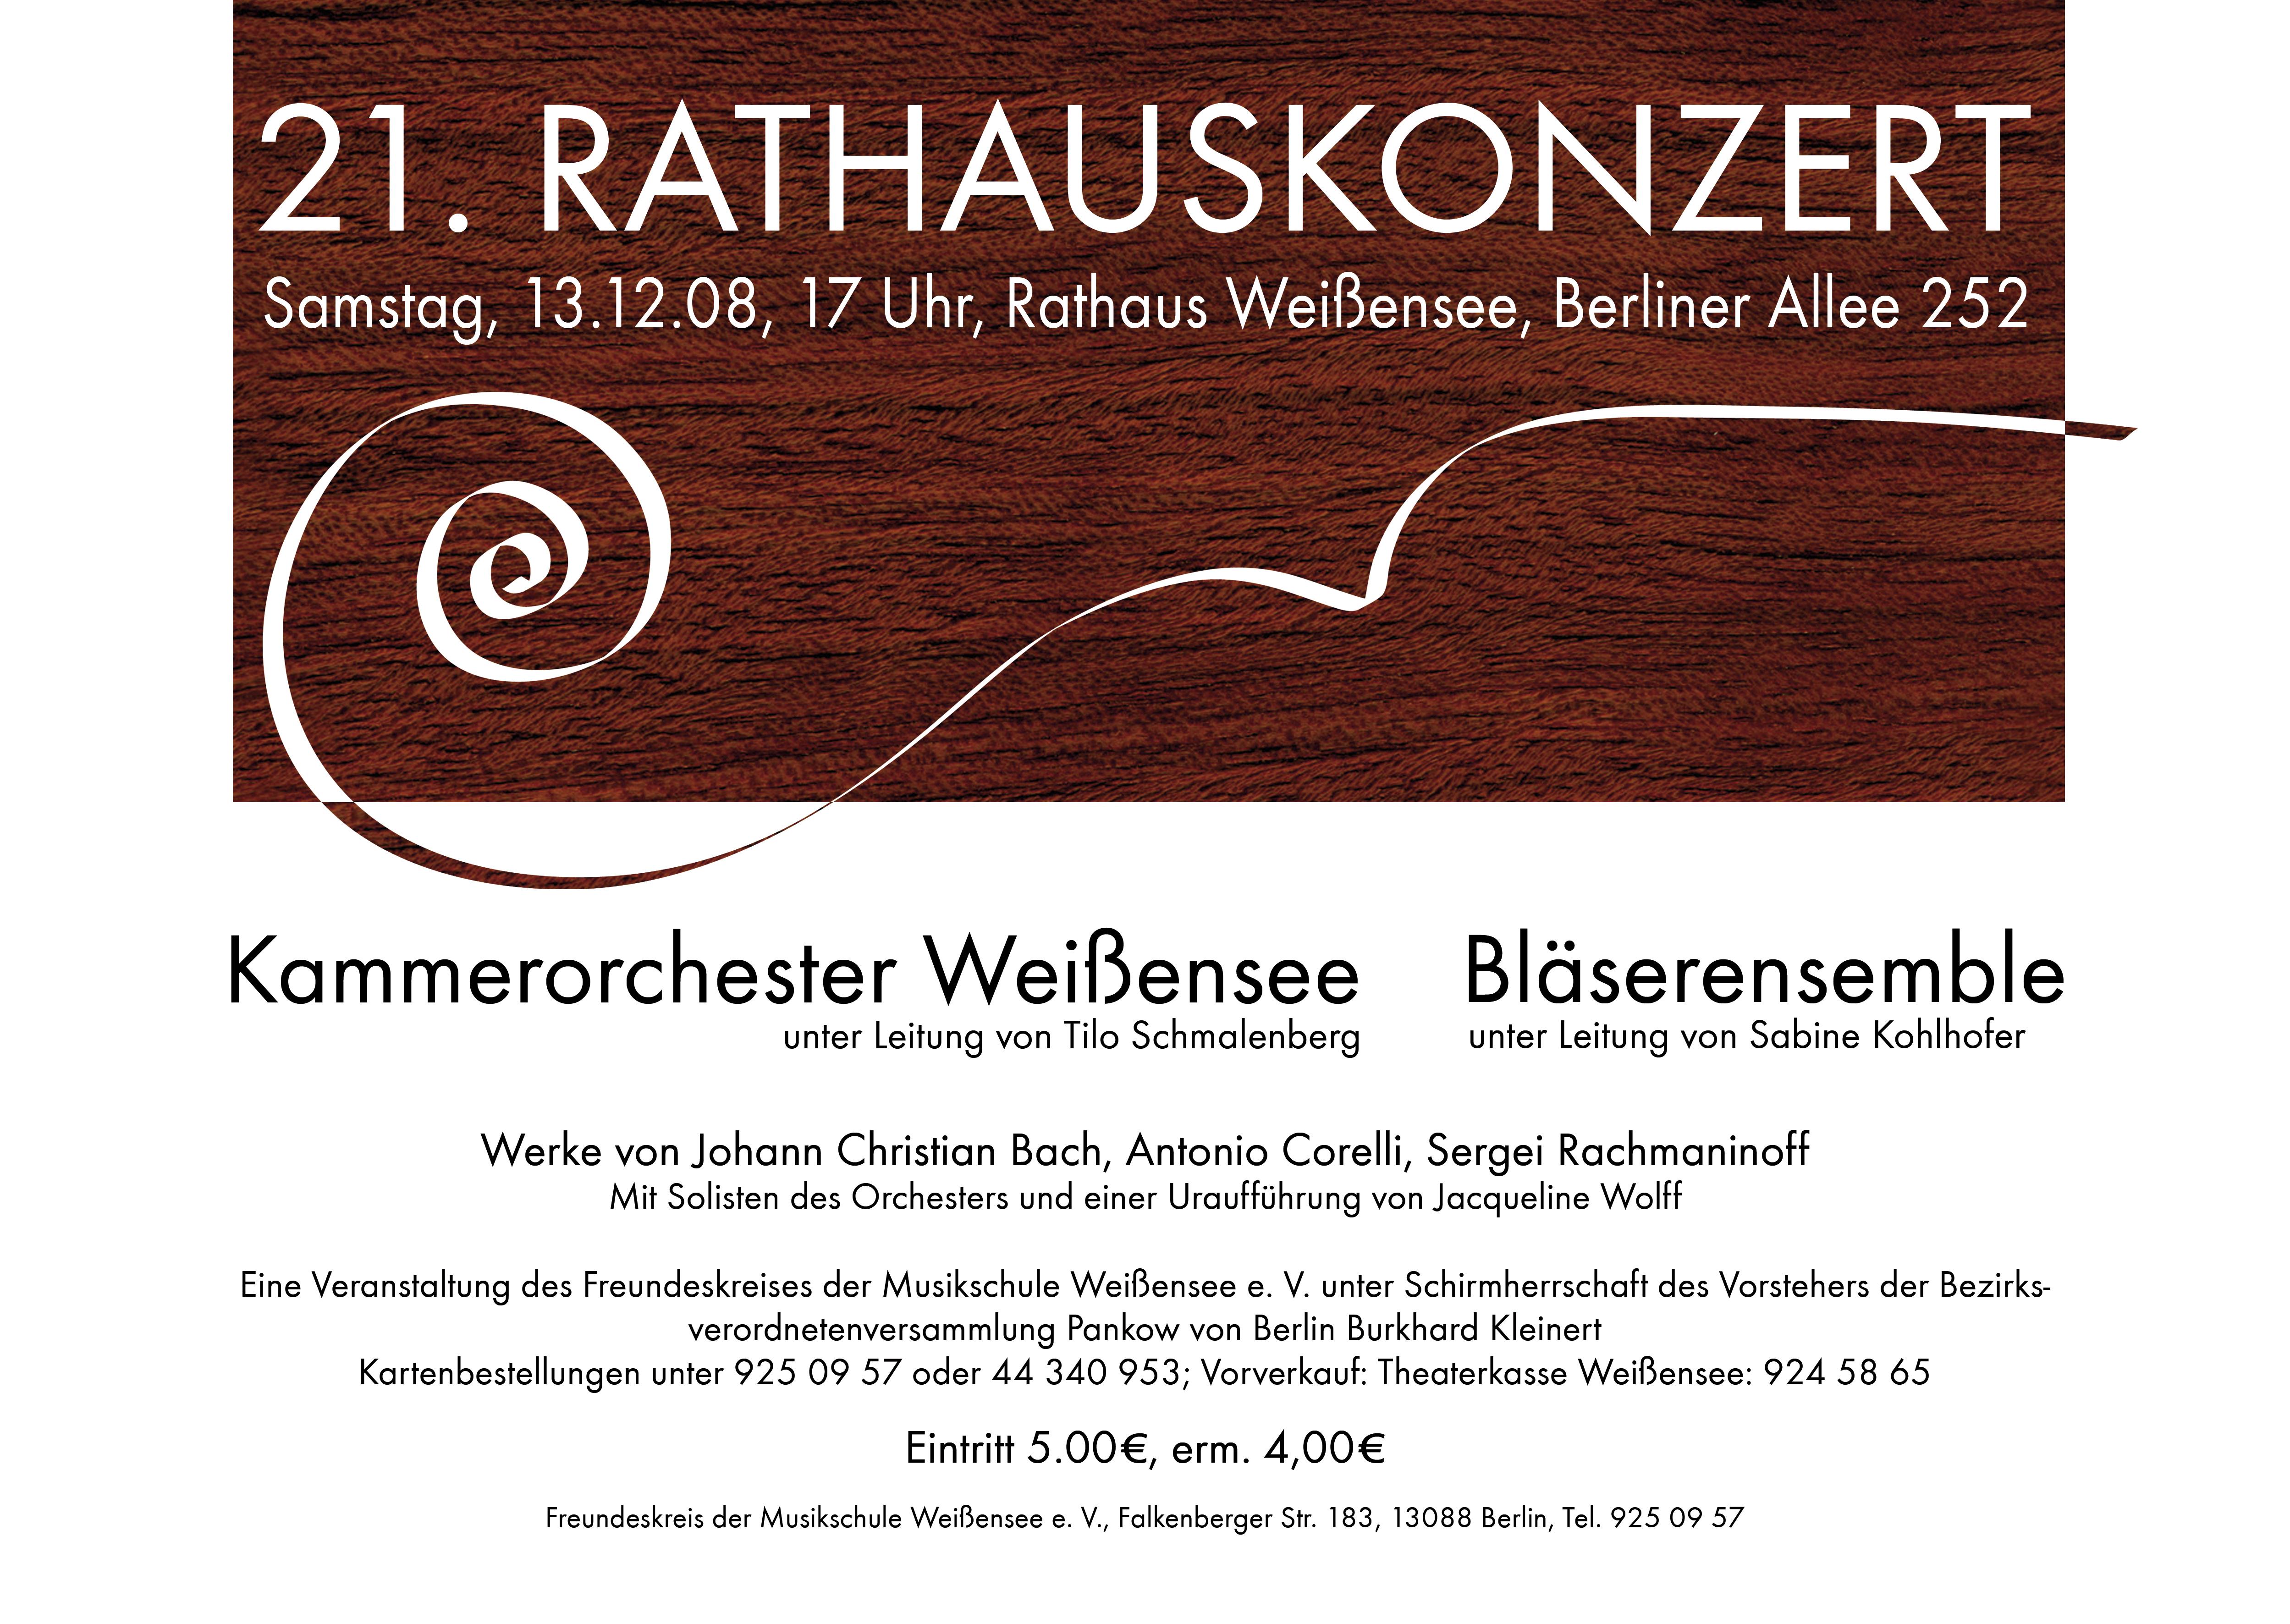 21. Rathauskonzert